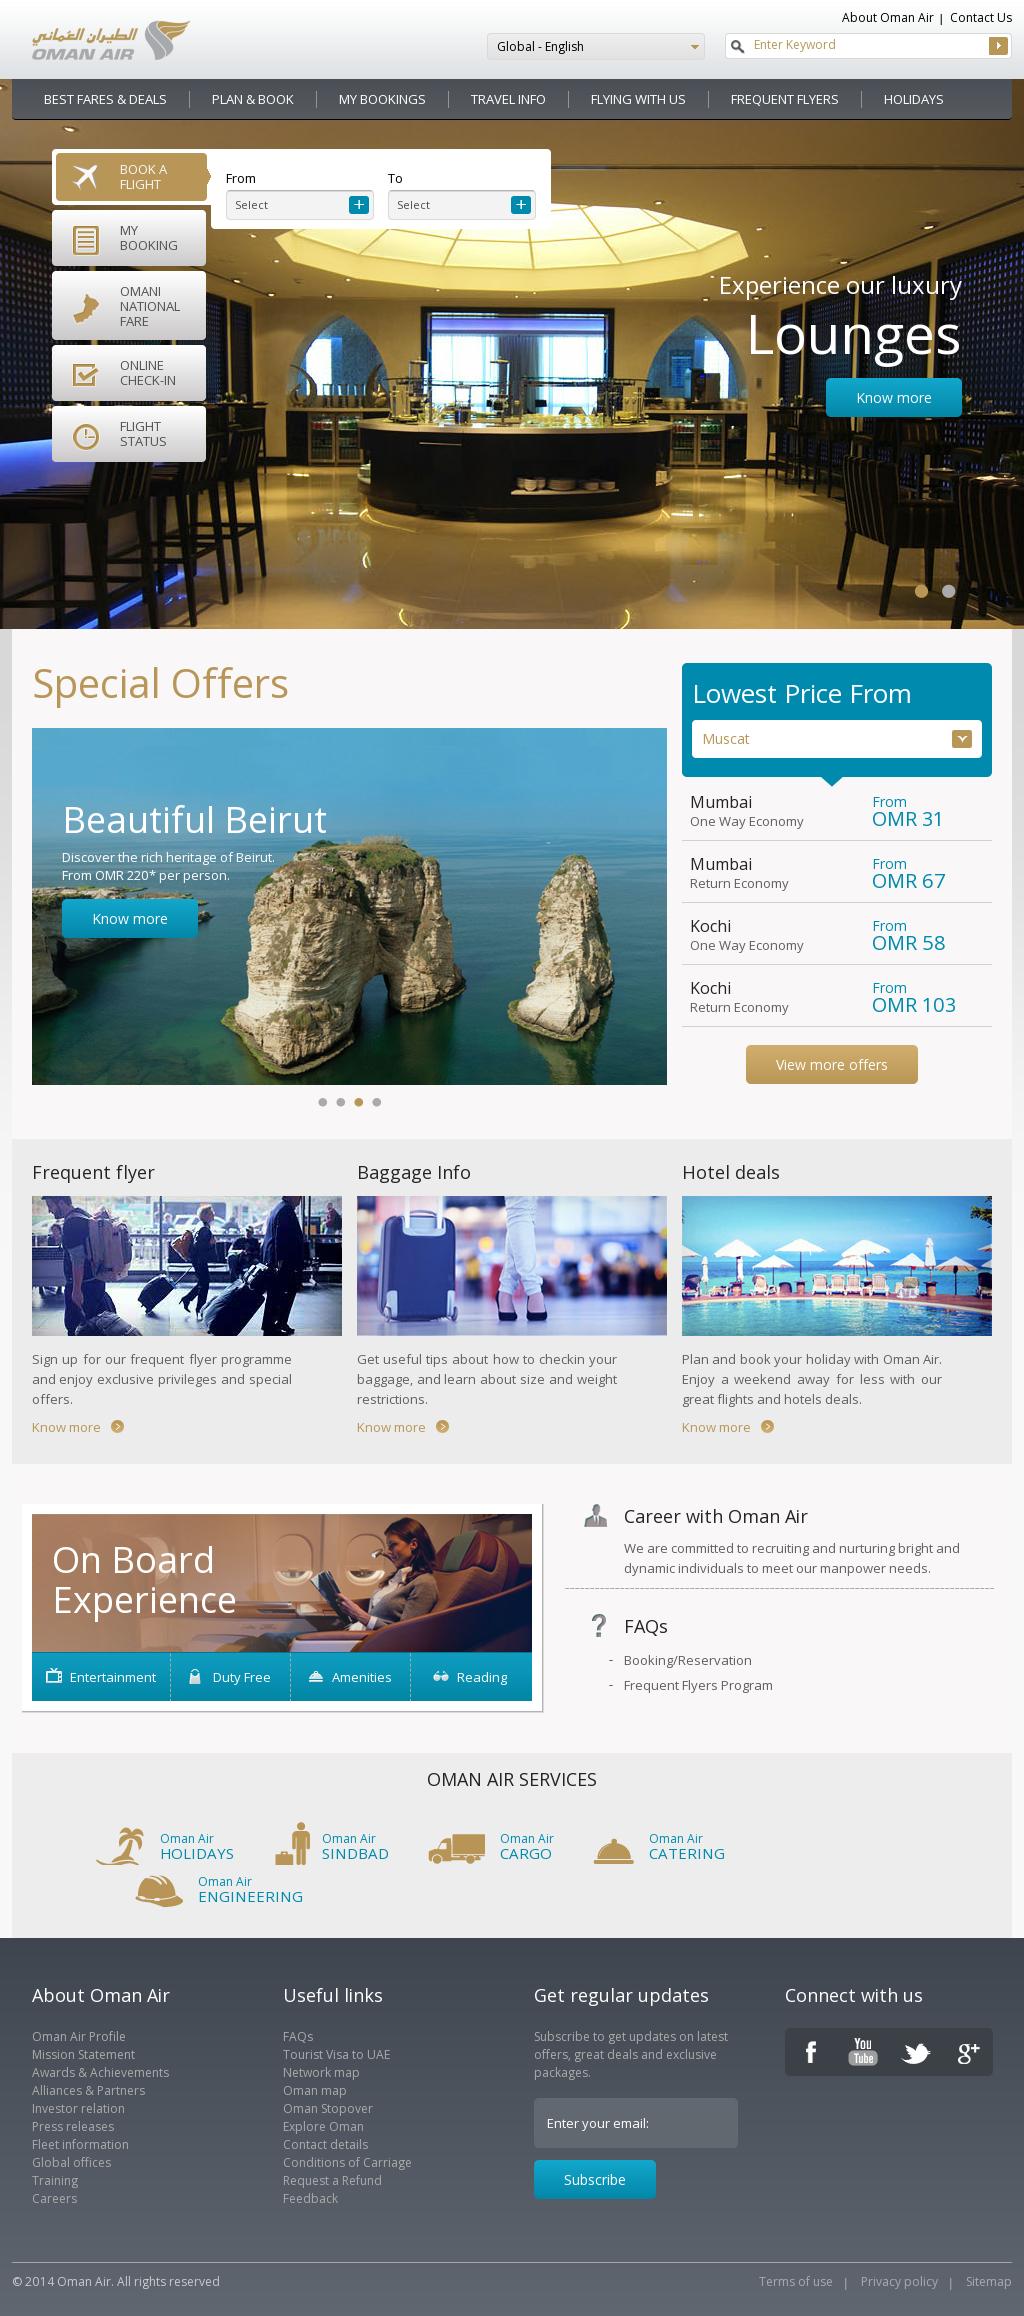 Oman Air Plan And Book